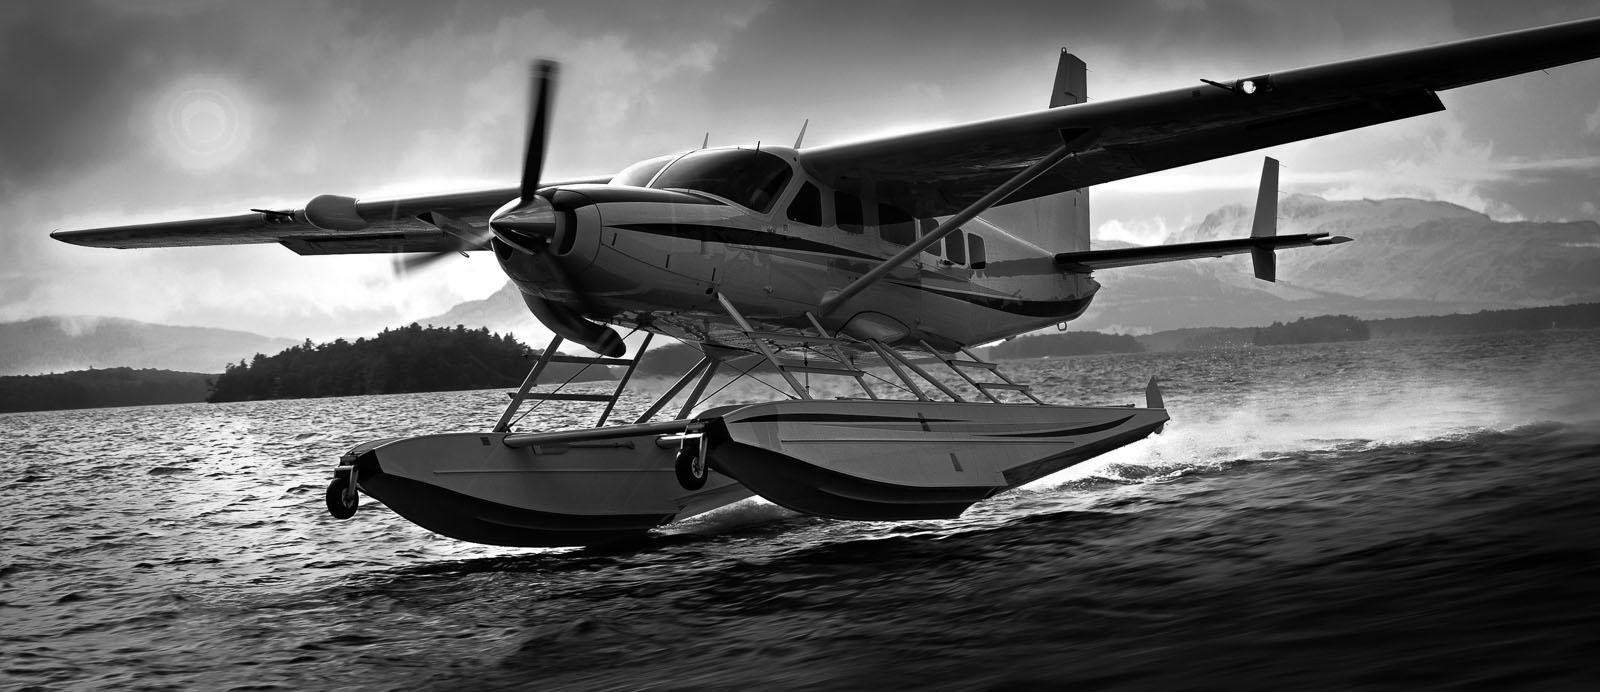 Cessna Caravan 675 Amphibian